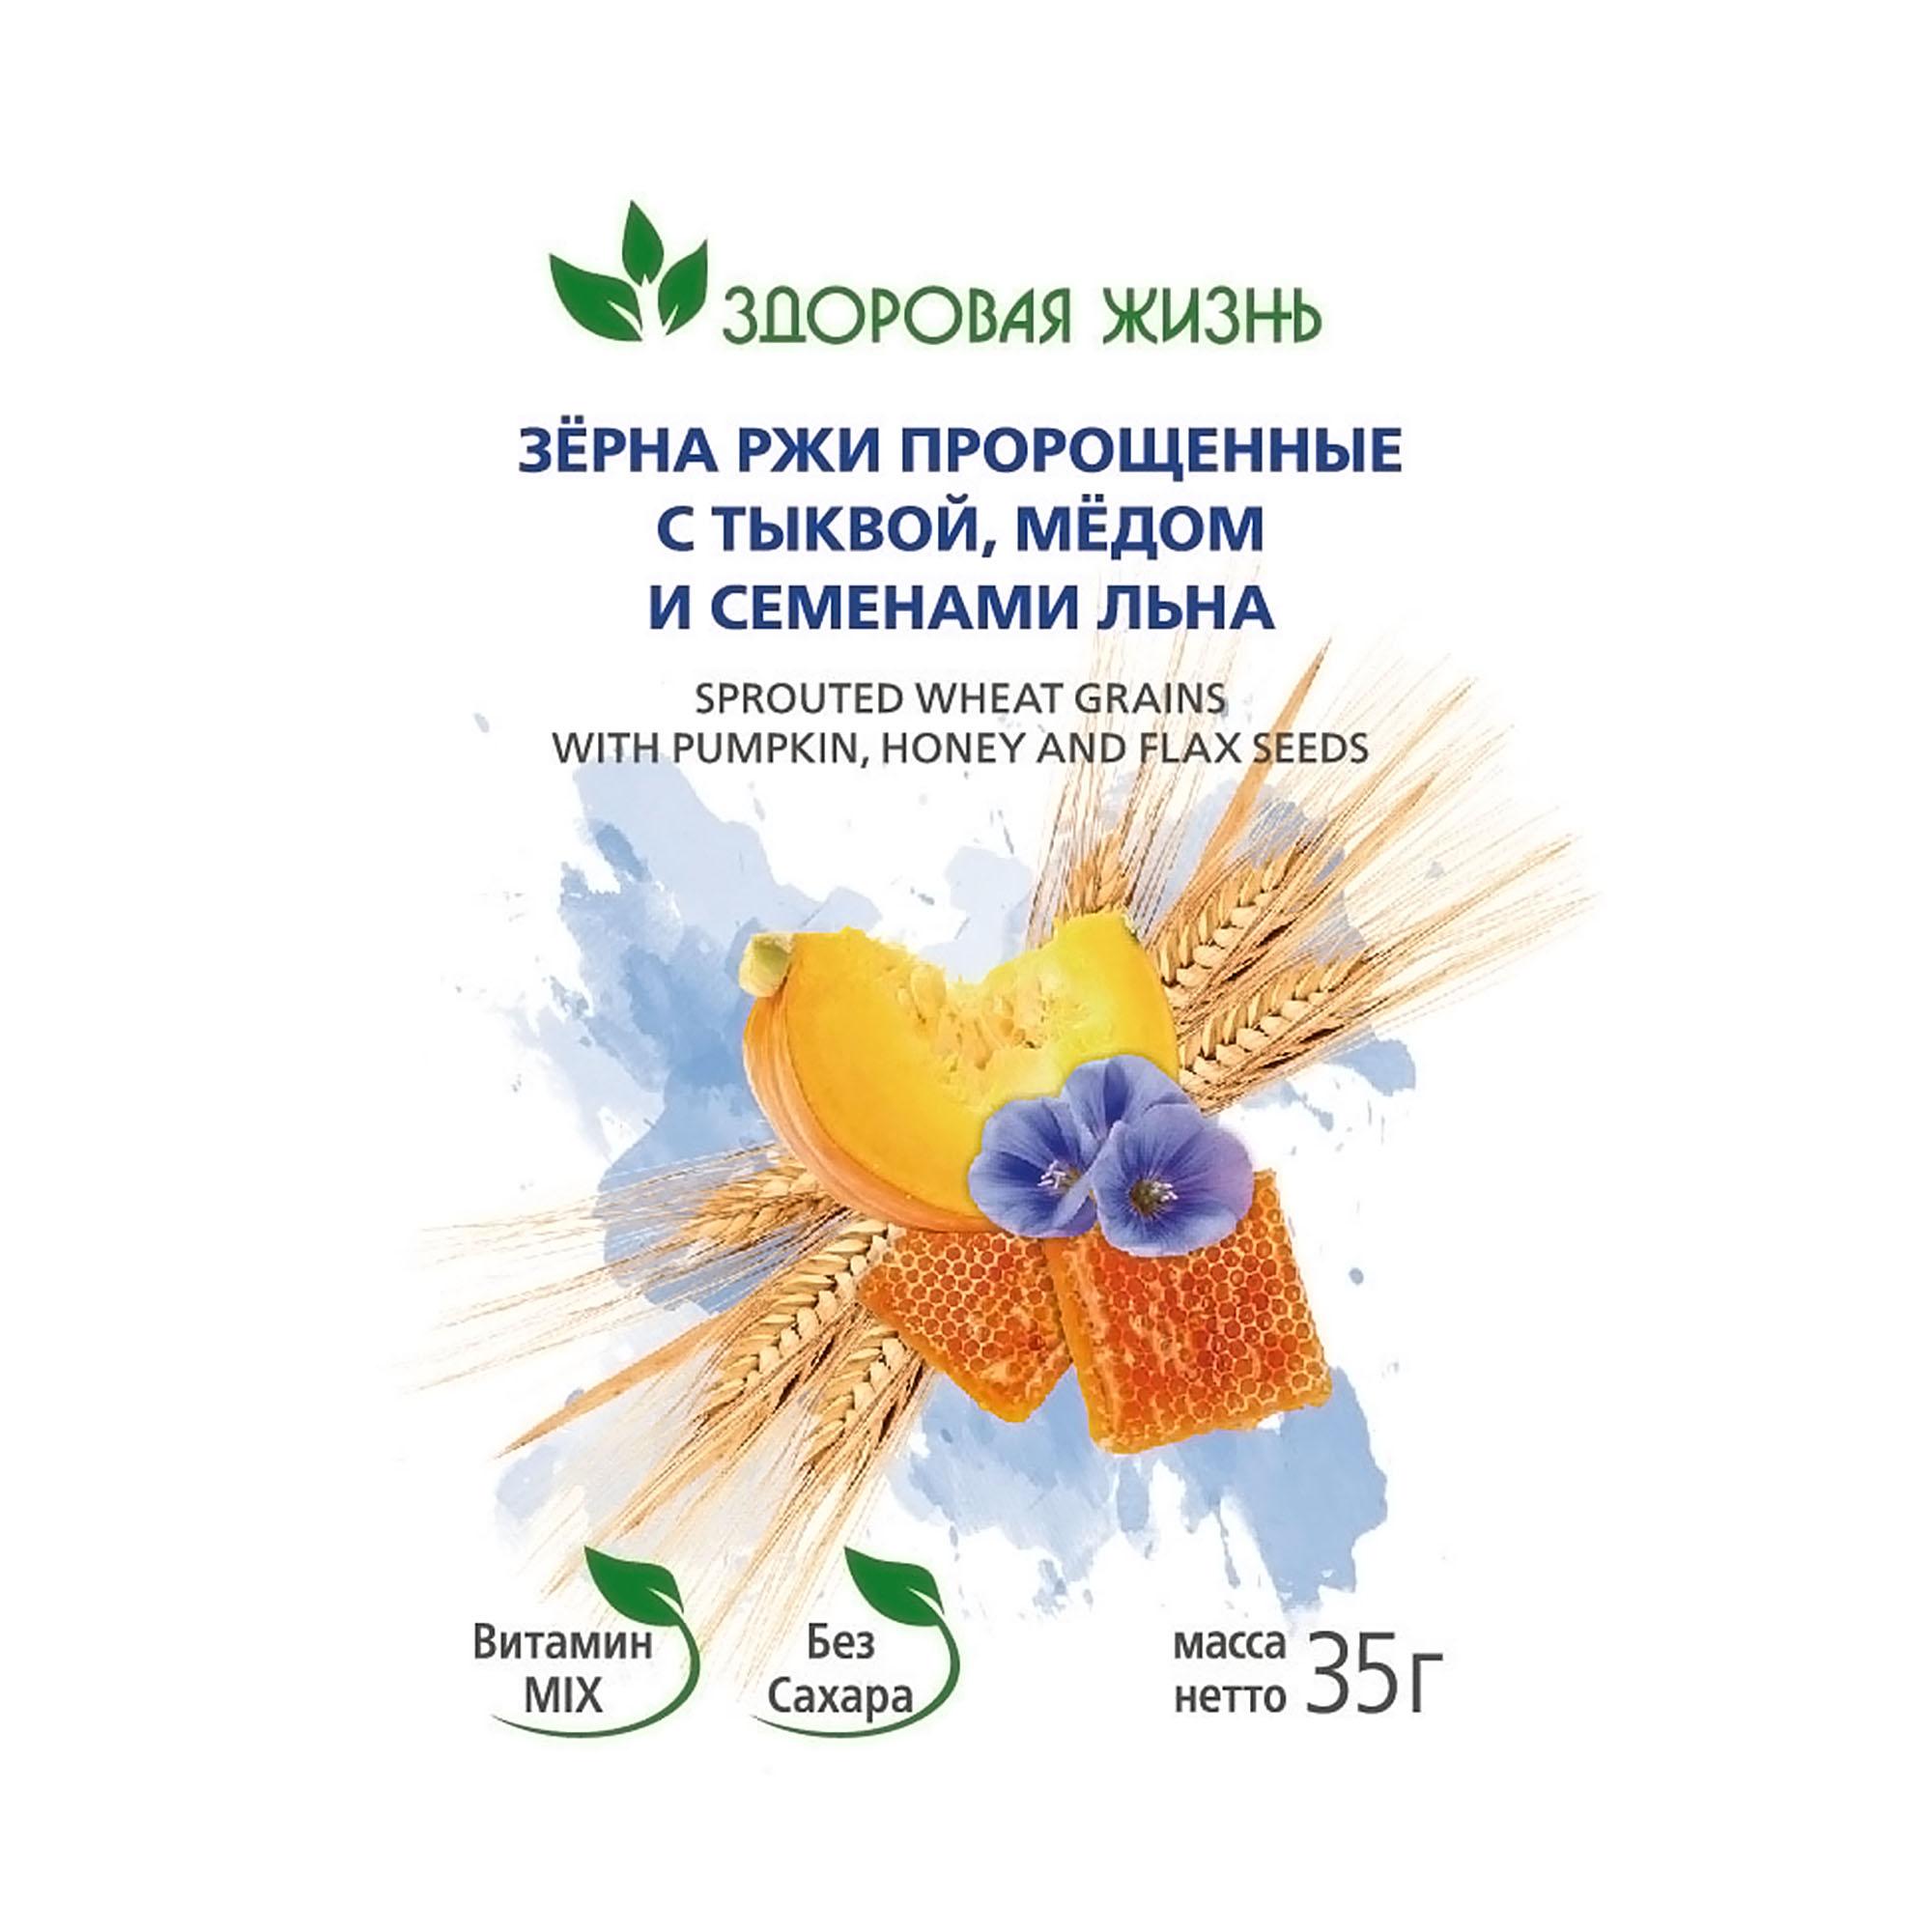 Зерна ржи пророщенные Здоровая Жизнь тыква, мед, семена льна, 35 г